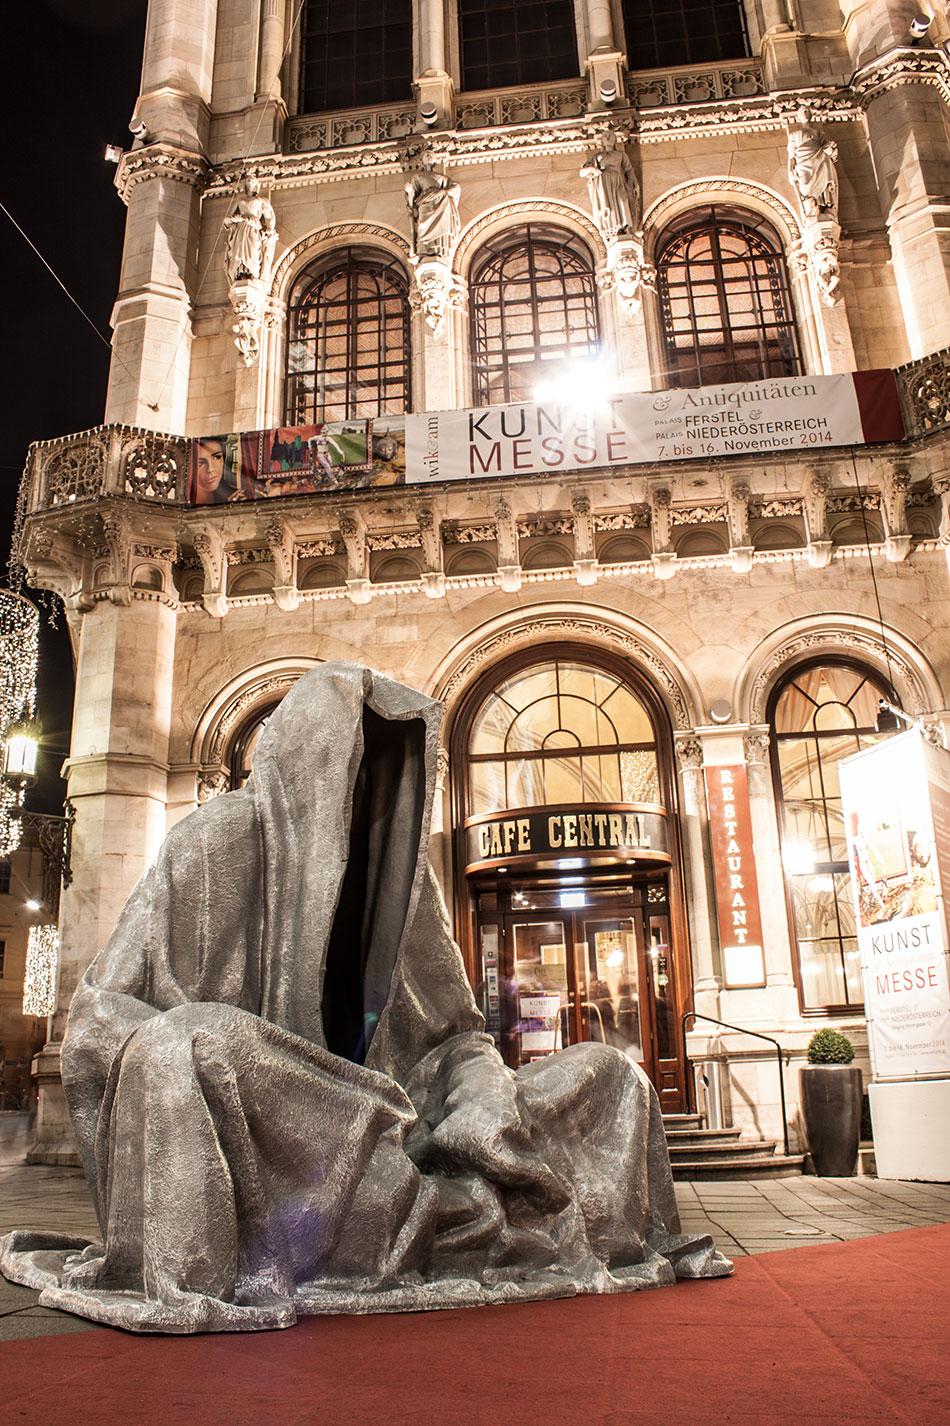 wikam-wiener-internationale-kunst-und-antiquitaetenmesse-art-and-antique-fair-vienna-guardians-of-time-manfred-kili-kielnhofer-contemporary-fine-art-design-4904